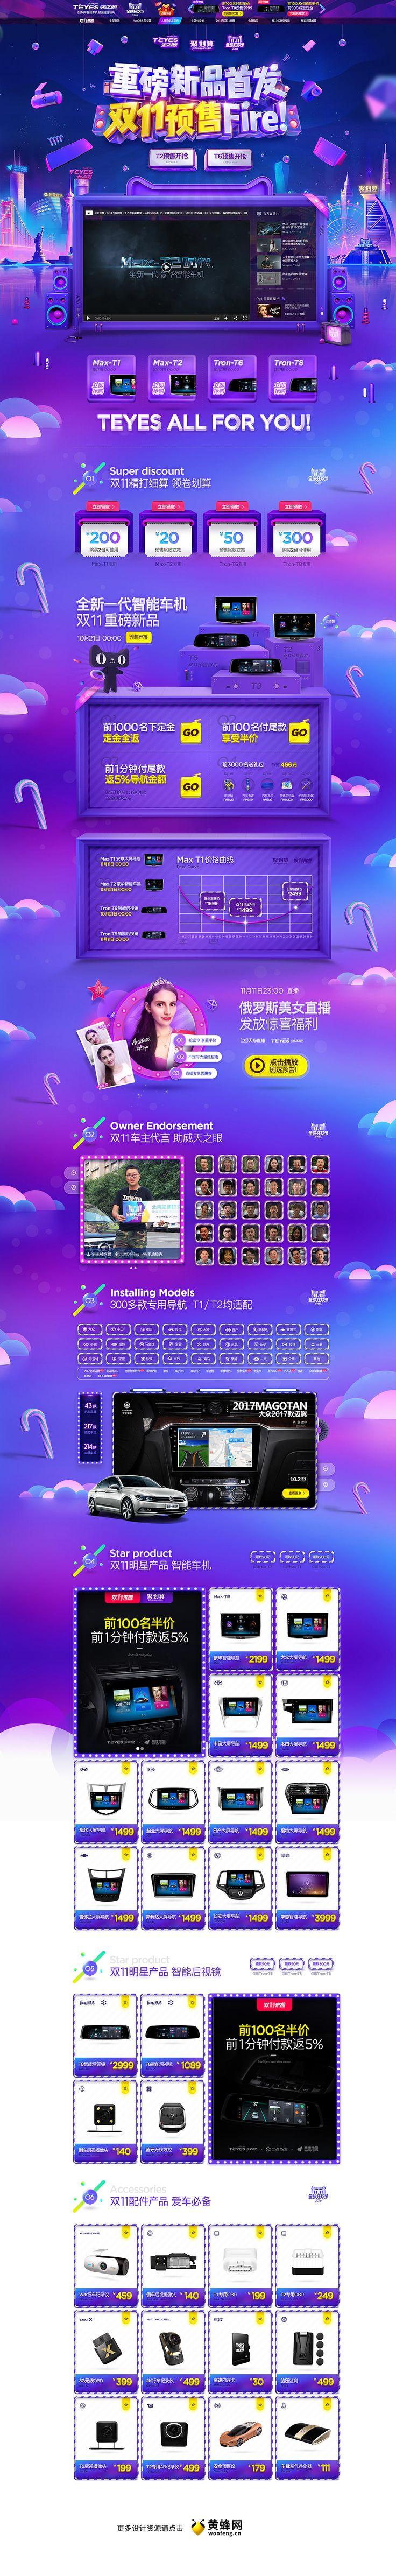 天之眼汽车用品配件行车导航记录仪天猫双11预售双十一预售页面设计 更多设计资源尽在黄蜂网http://woofeng.cn/